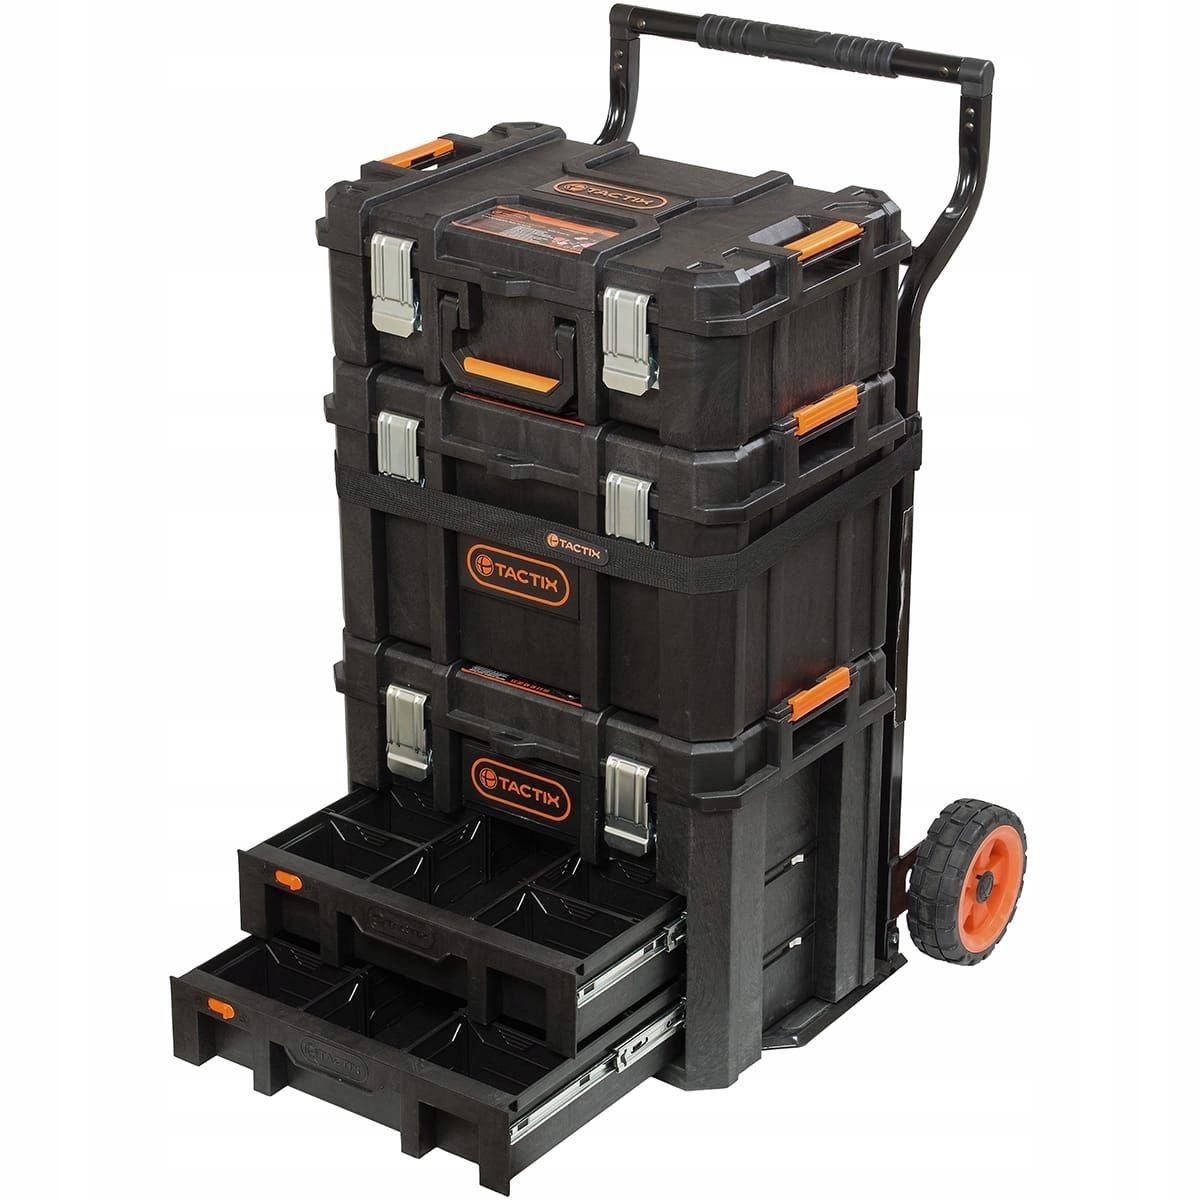 Ящик для инструментов на колесах: ТОП-5 моделей + подробная инструкция по изготовлению своими руками